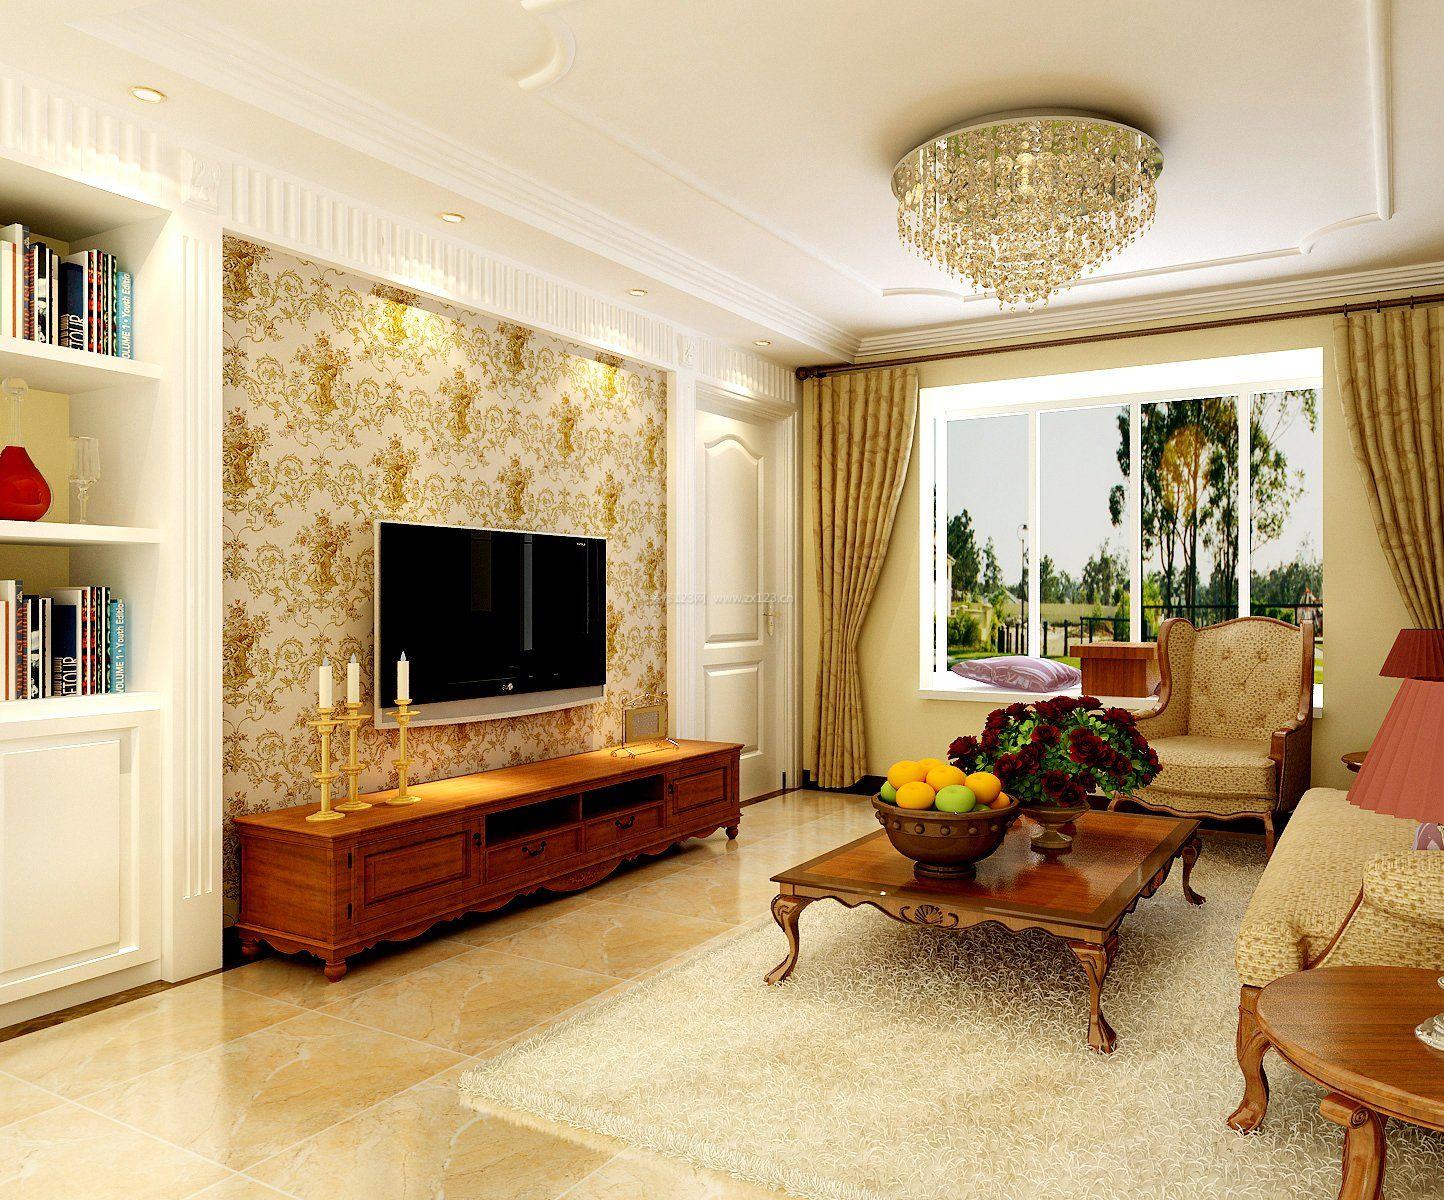 2017简约欧式客厅 电视背景墙墙纸装修效果图大全,图片尺寸:1000×750